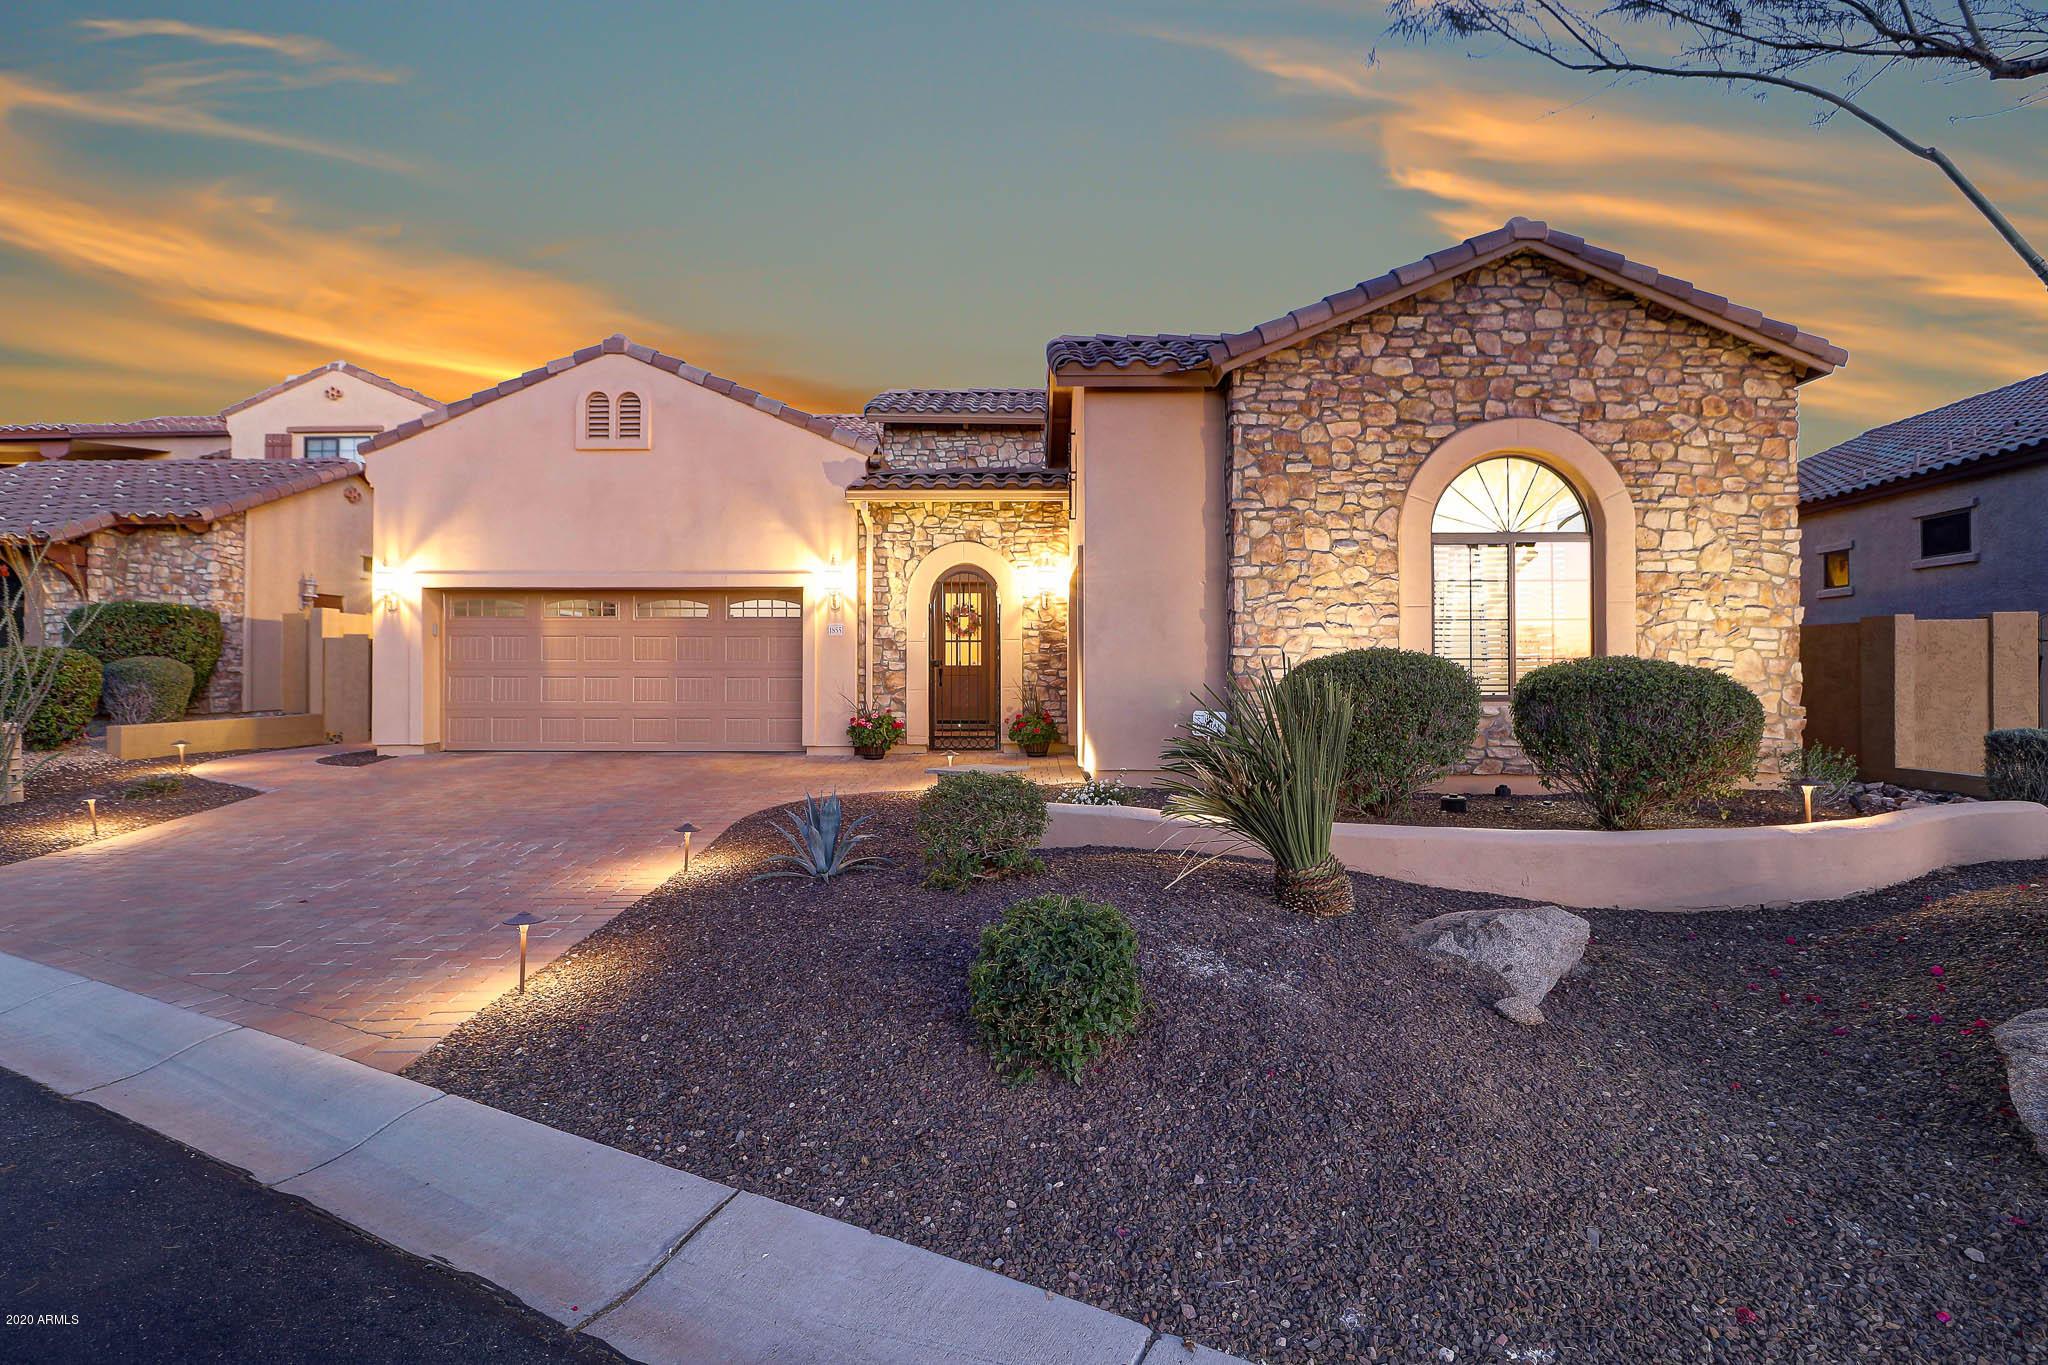 Photo of 1855 N WOODRUFF --, Mesa, AZ 85207